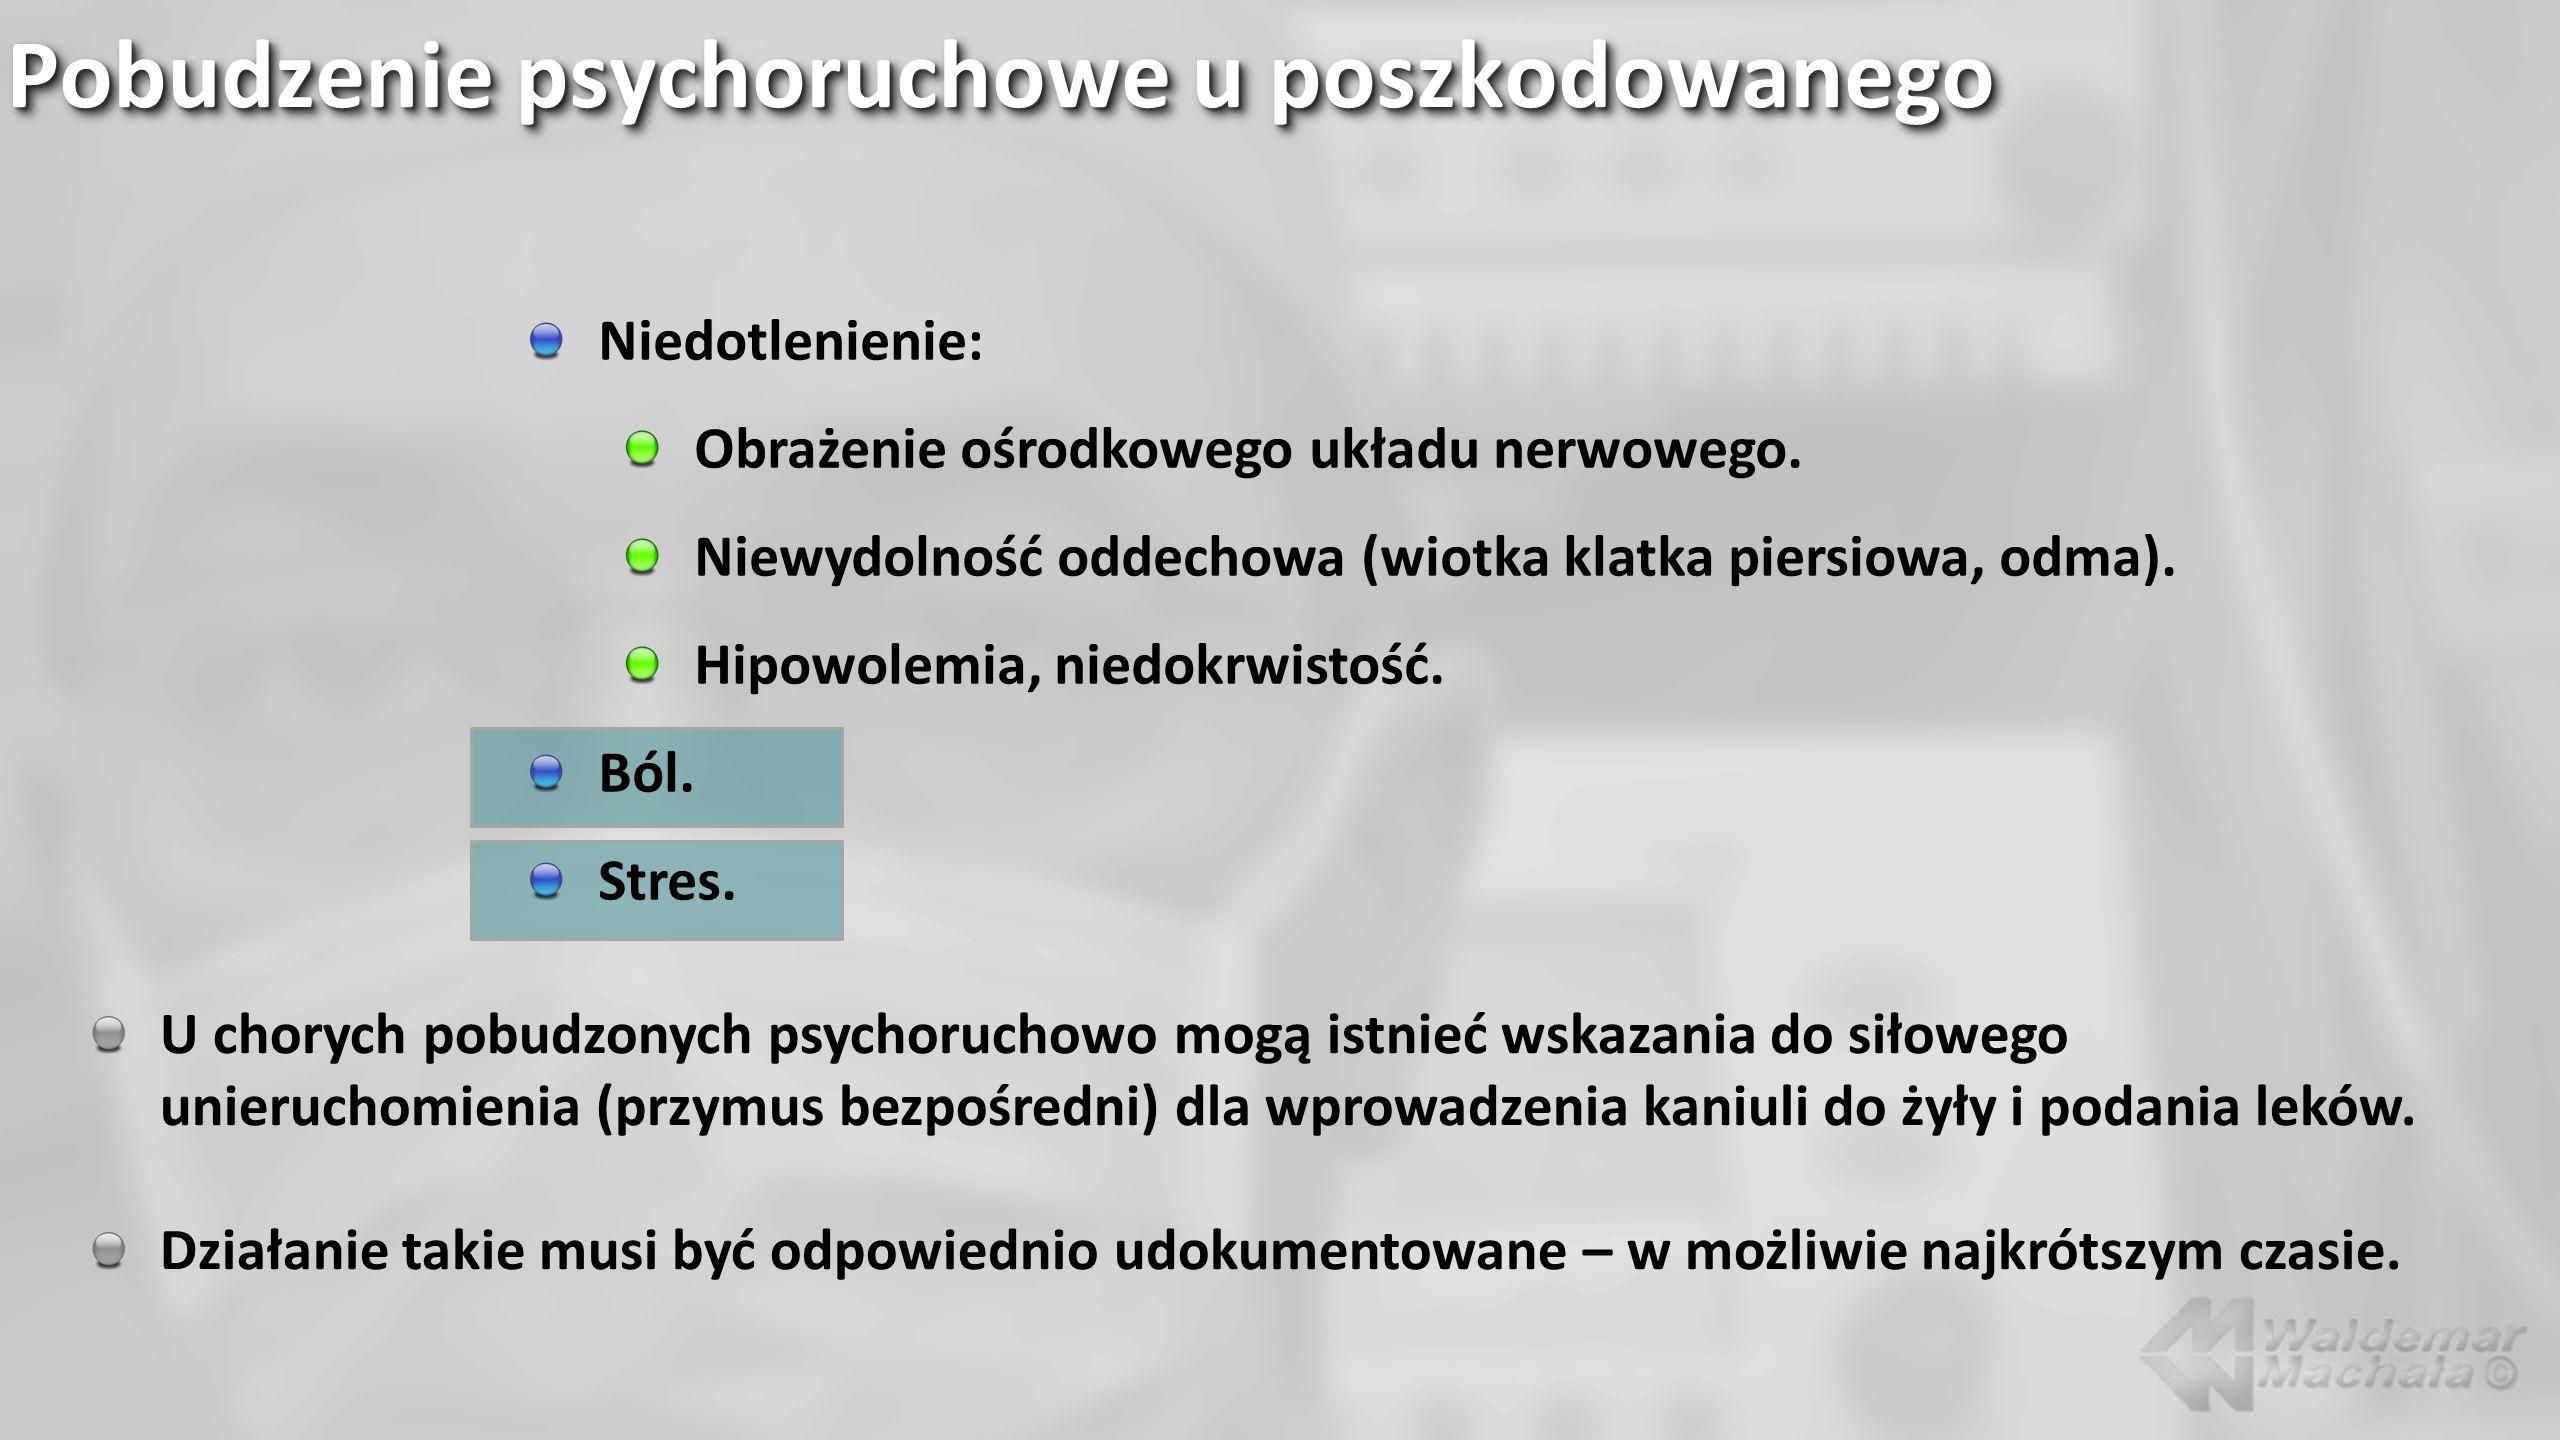 Niedotlenienie: Obrażenie ośrodkowego układu nerwowego. Niewydolność oddechowa (wiotka klatka piersiowa, odma). Hipowolemia, niedokrwistość. Ból. Stre